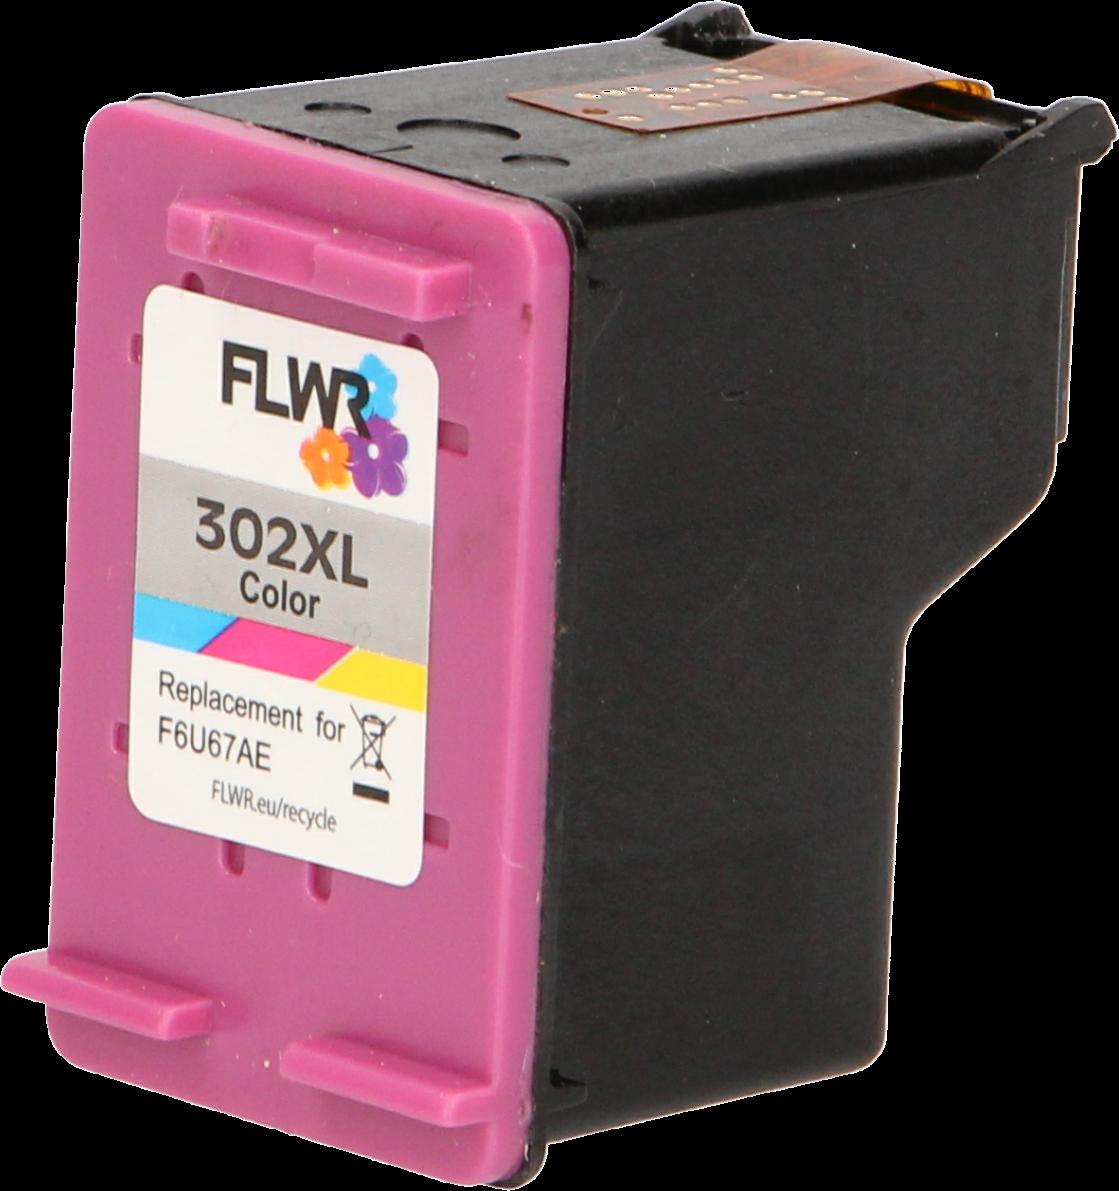 FLWR HP 302XL kleur